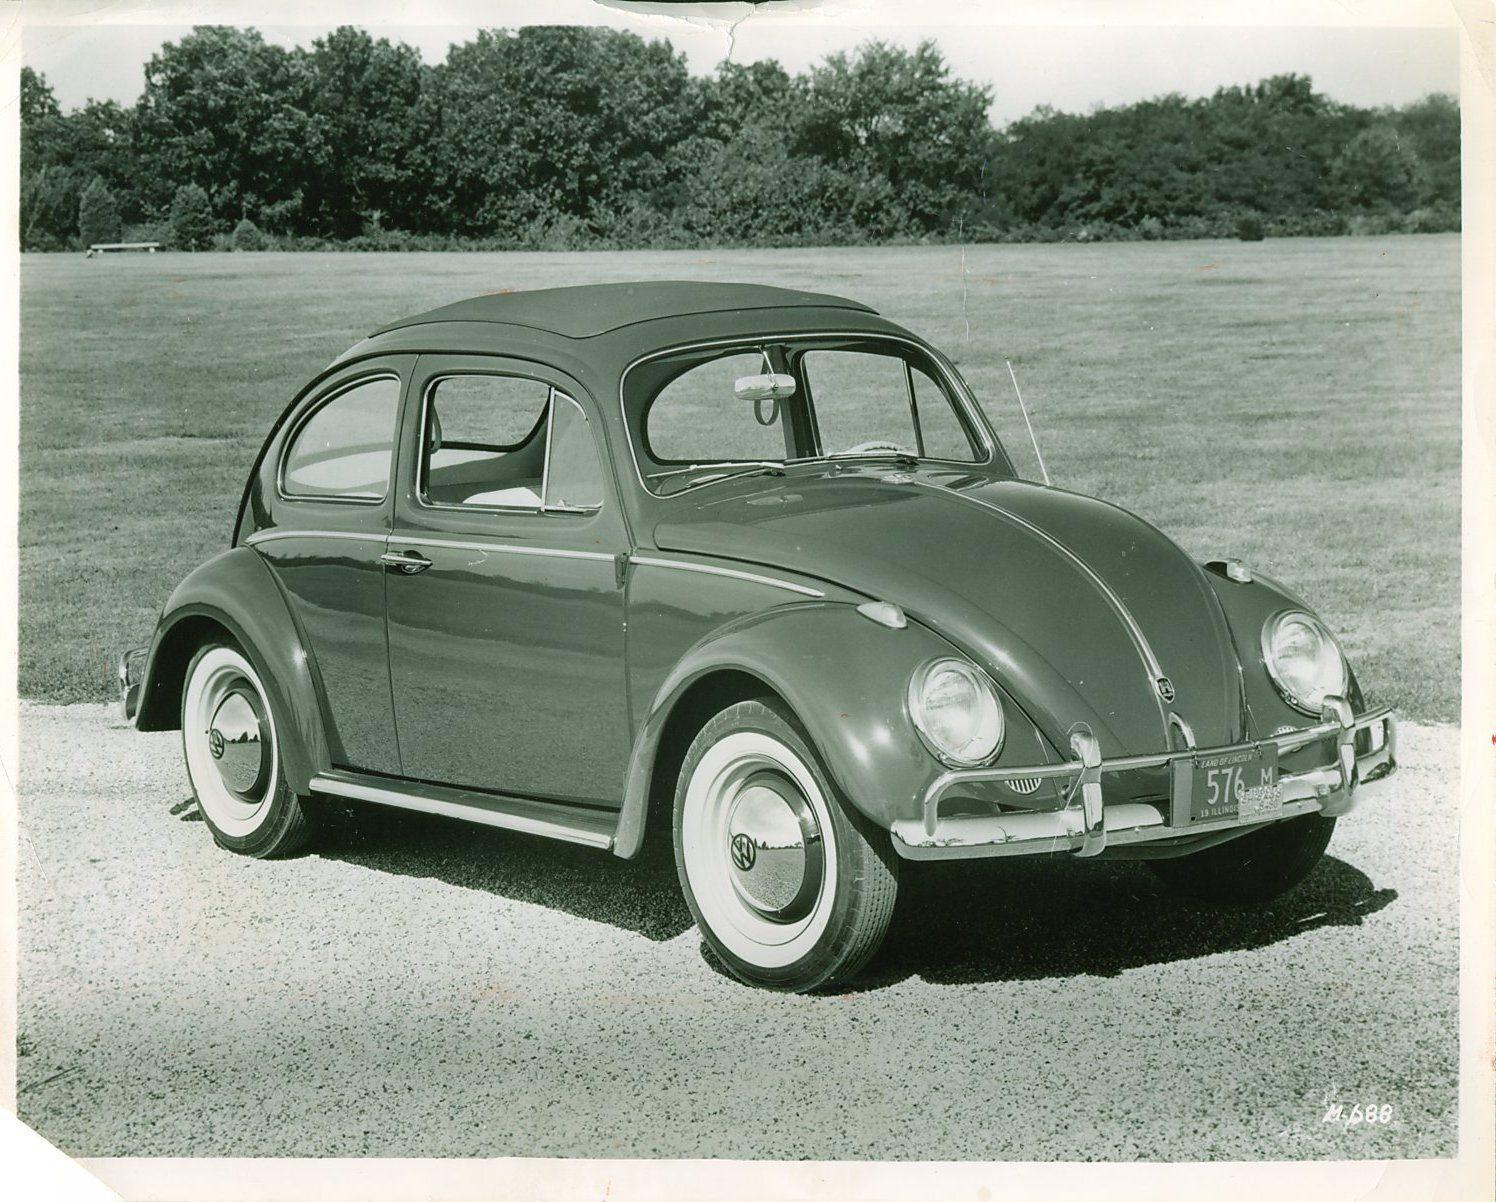 Thesamba Com Vw Archives Press Photos Type 1 Vw Beetle Classic Volkswagen Beetle Vintage Volkswagen